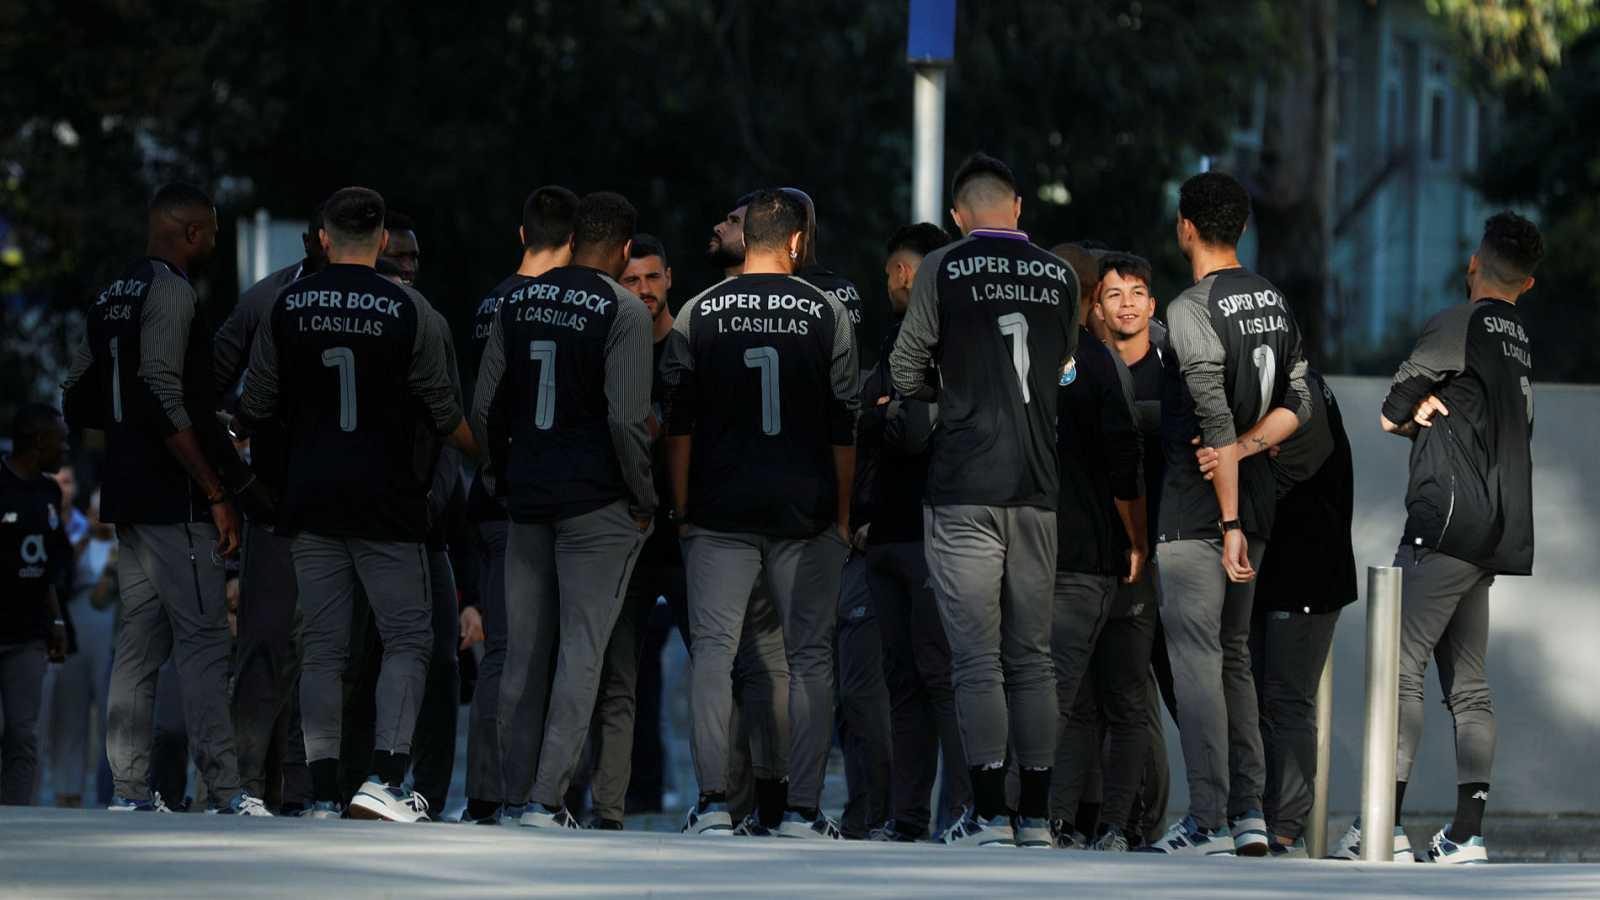 La plantilla del Oporto acude al hospital a visitar a Iker Casillas tras su infarto